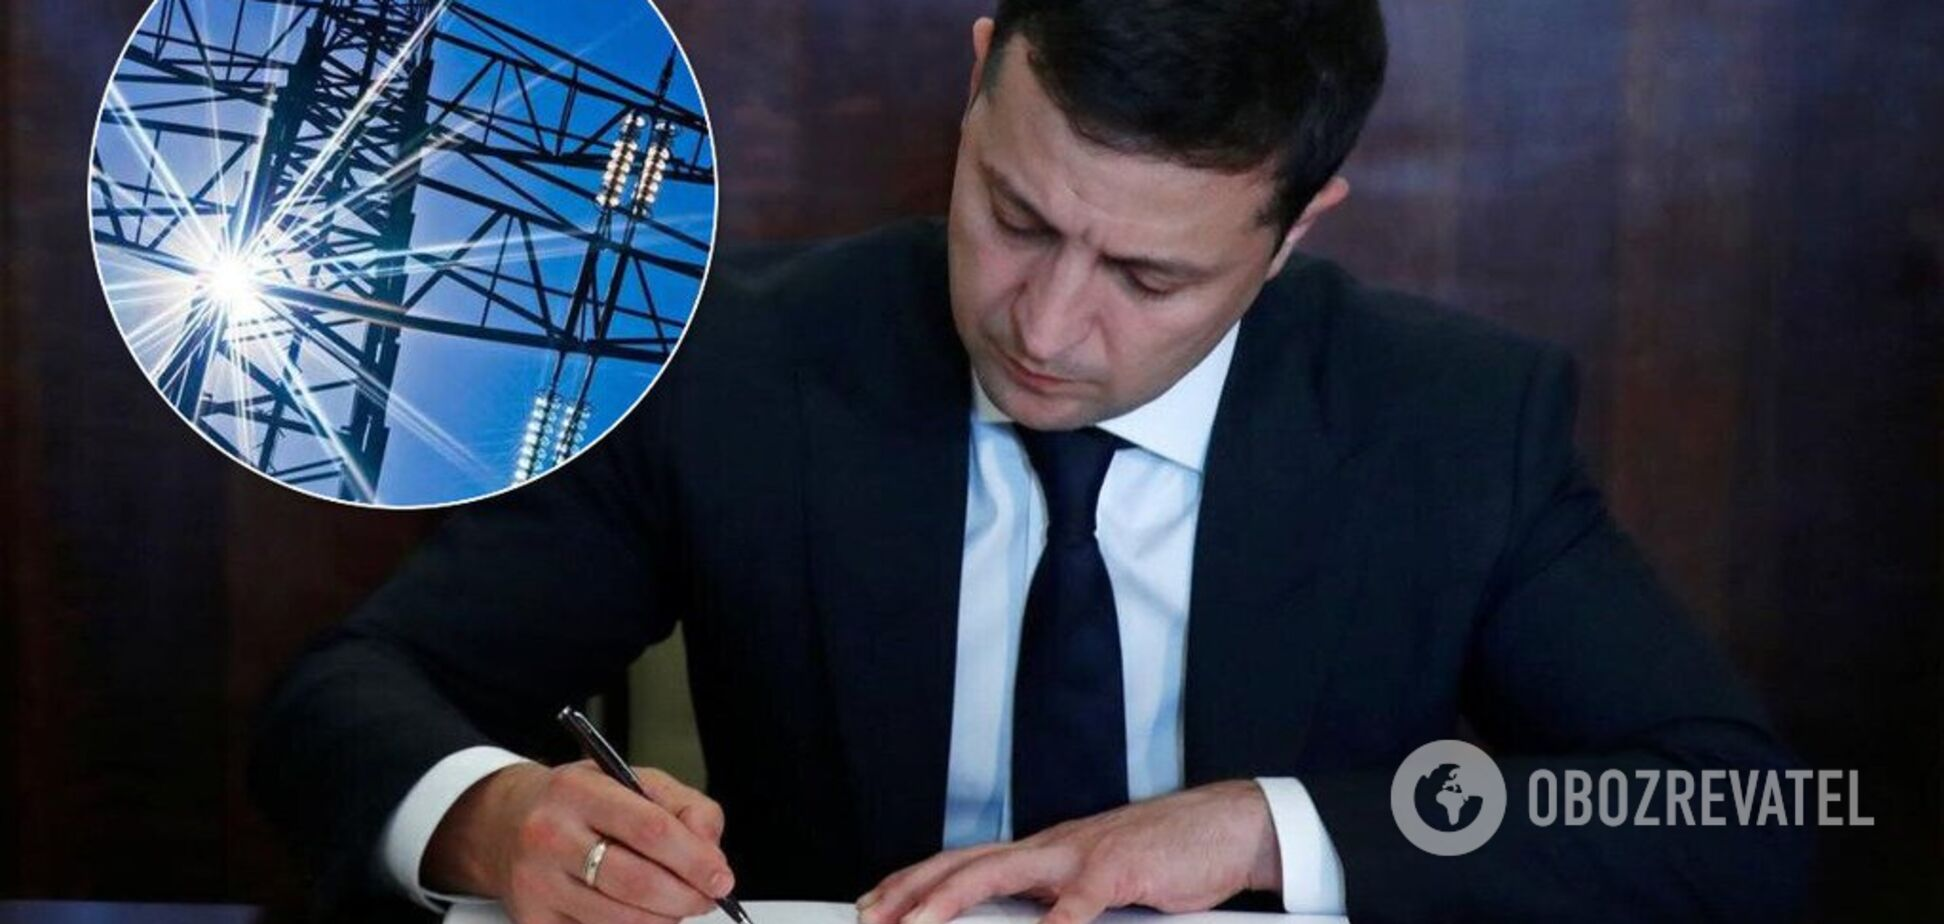 Зеленский запретил импорт электричества из России: подписан закон